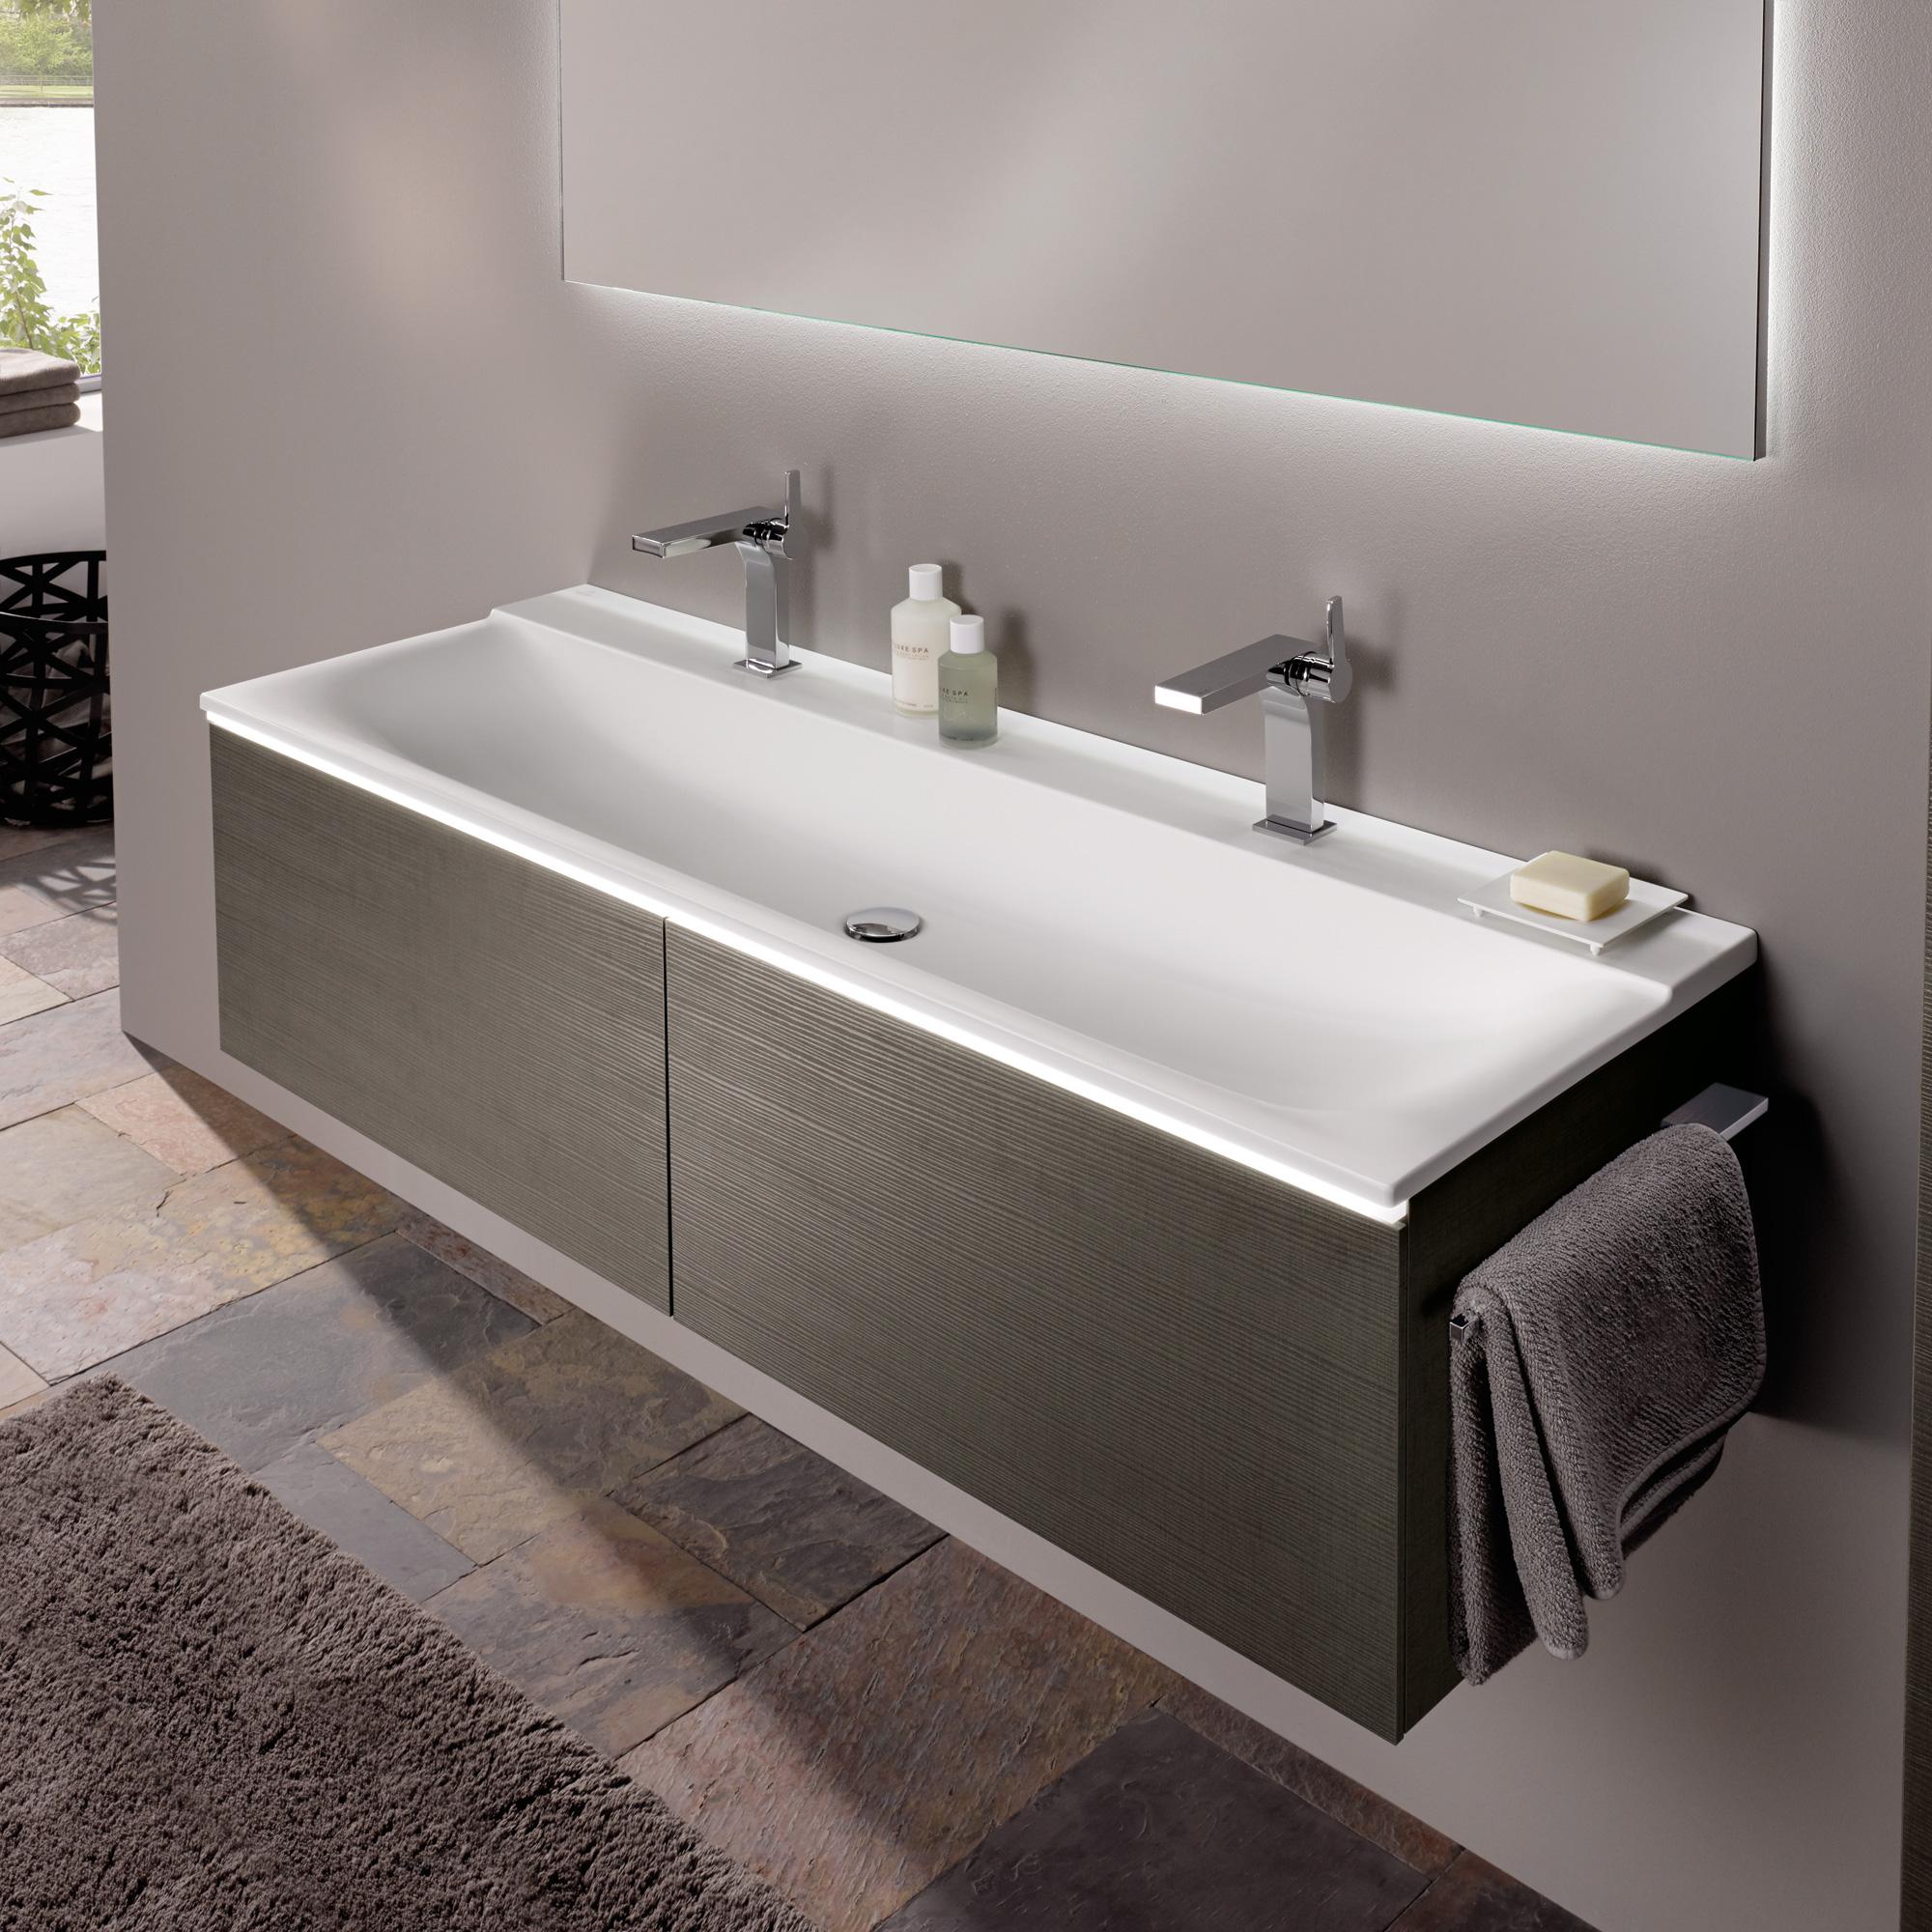 keramag xeno waschtisch b 140 h 48 cm ohne berlauf mit 2 hahnl chern wei 427041016. Black Bedroom Furniture Sets. Home Design Ideas